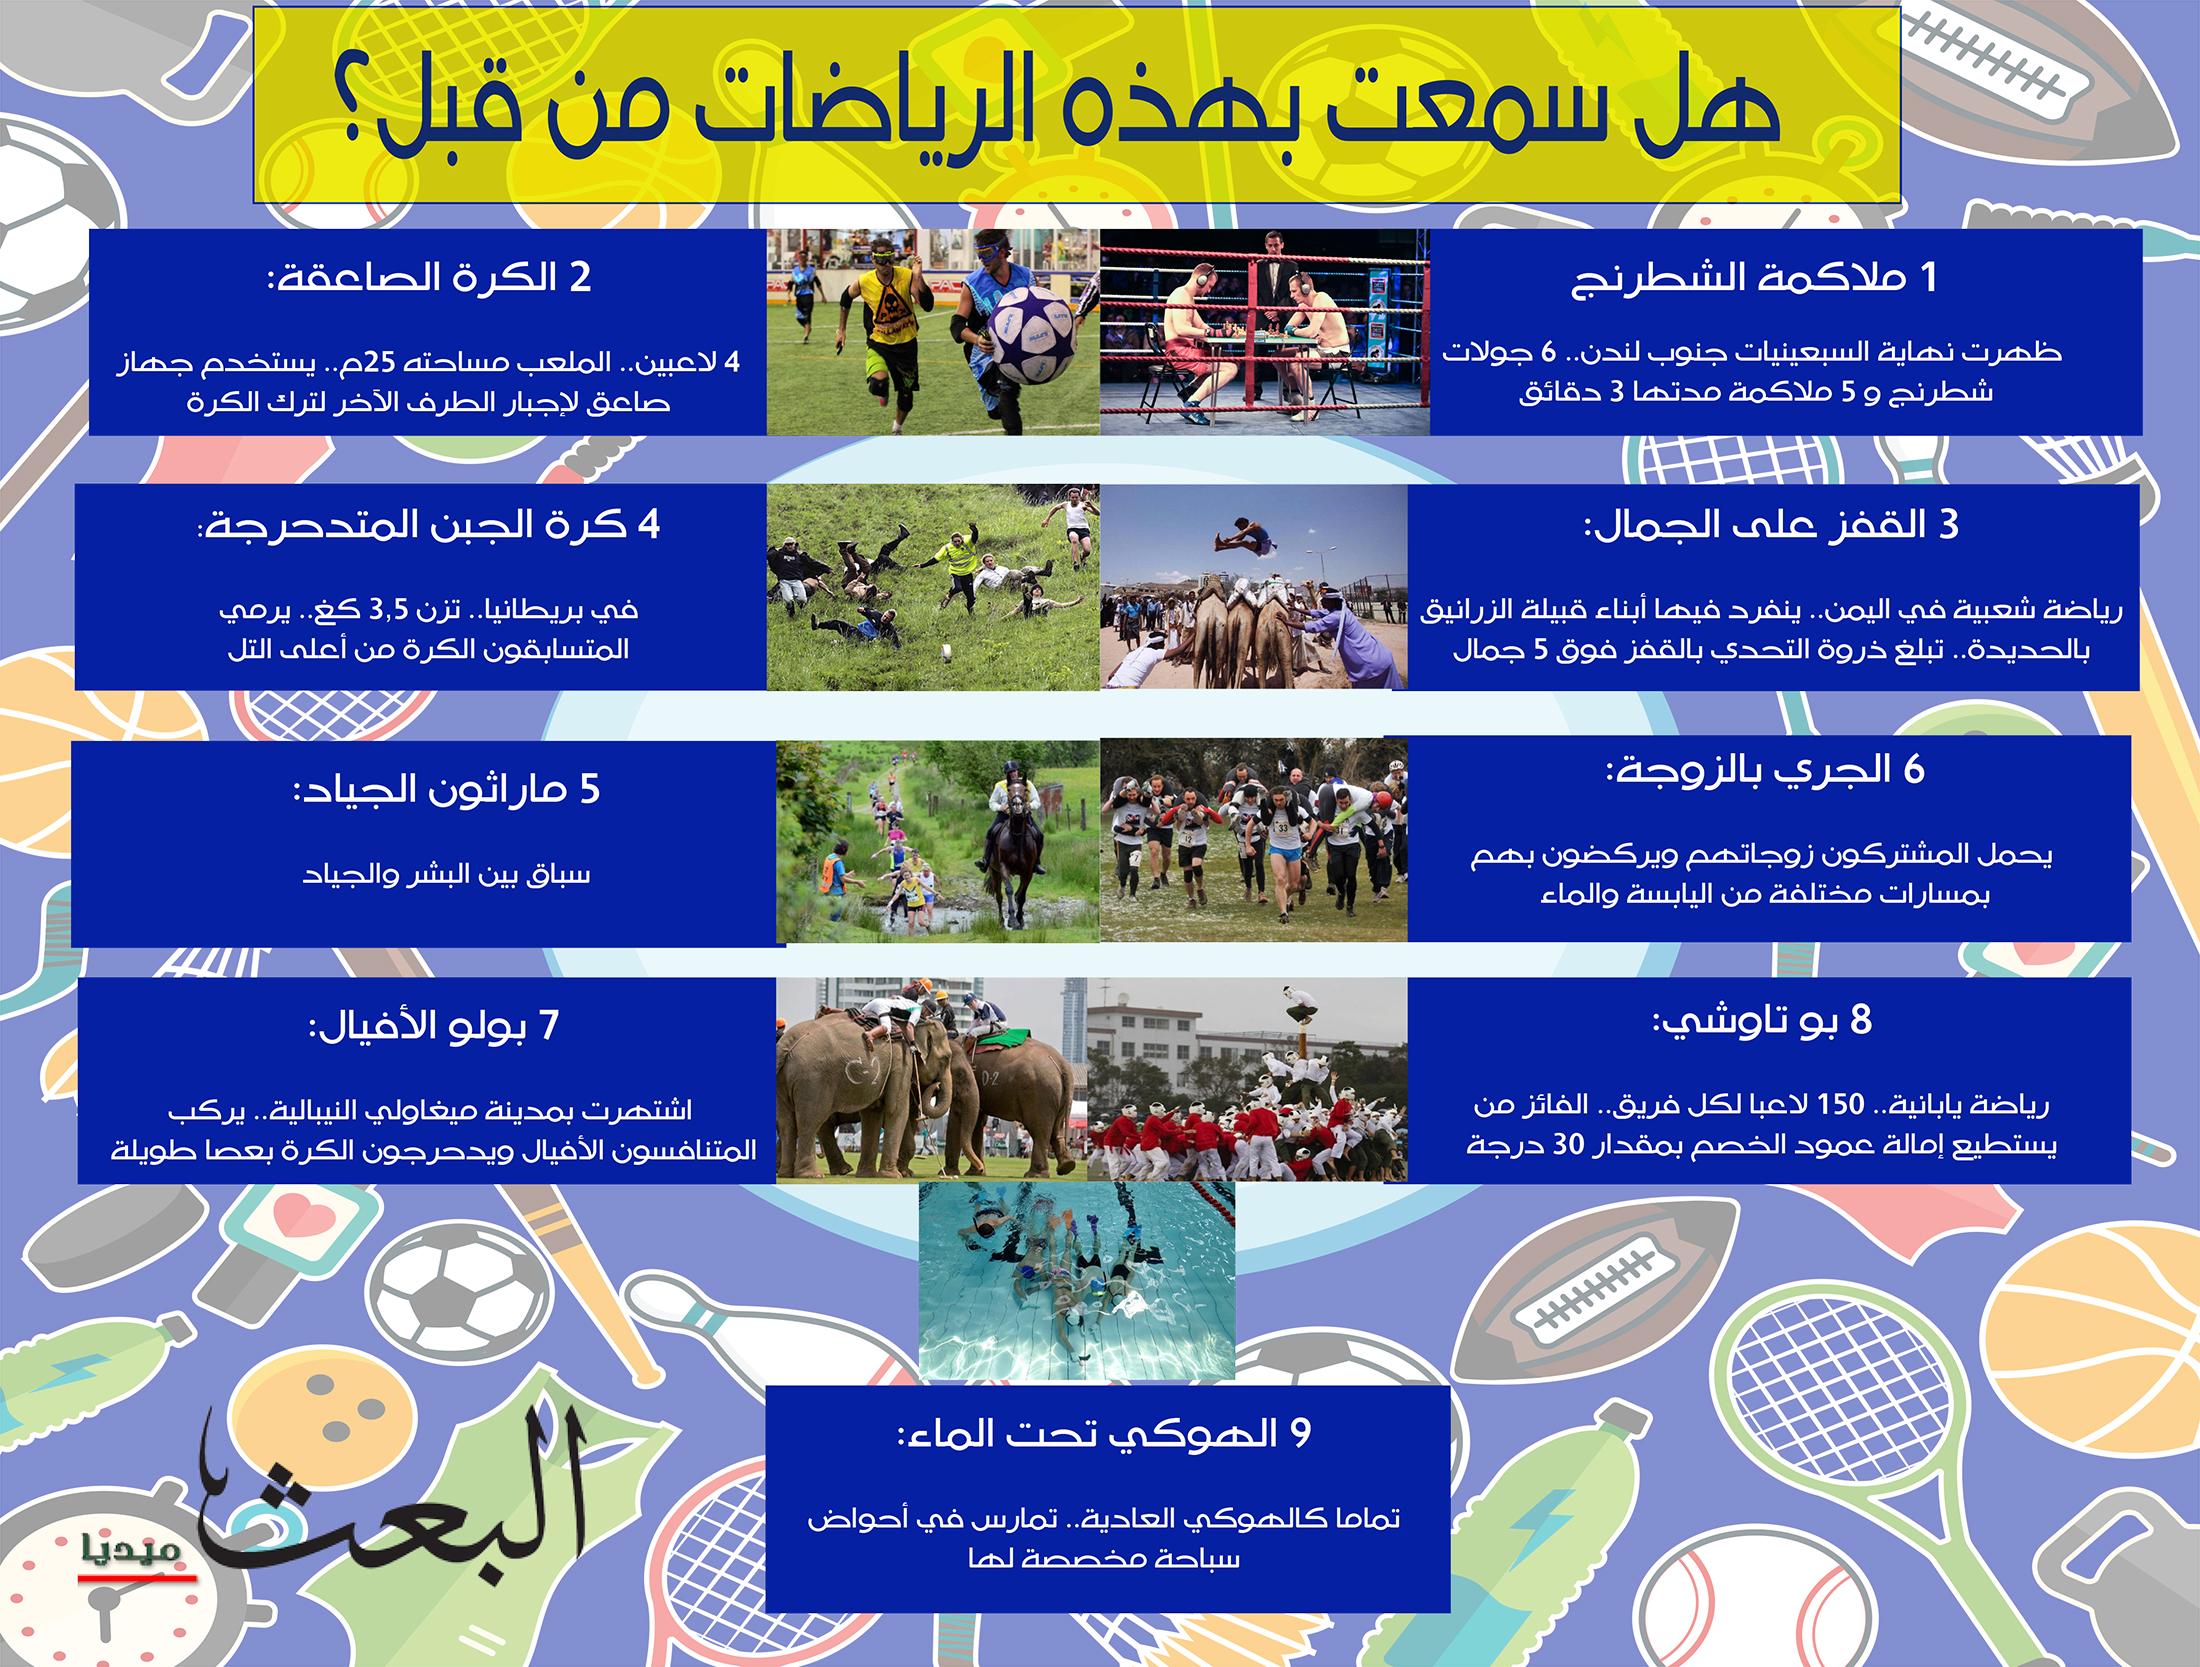 أغرب الرياضات في العالم